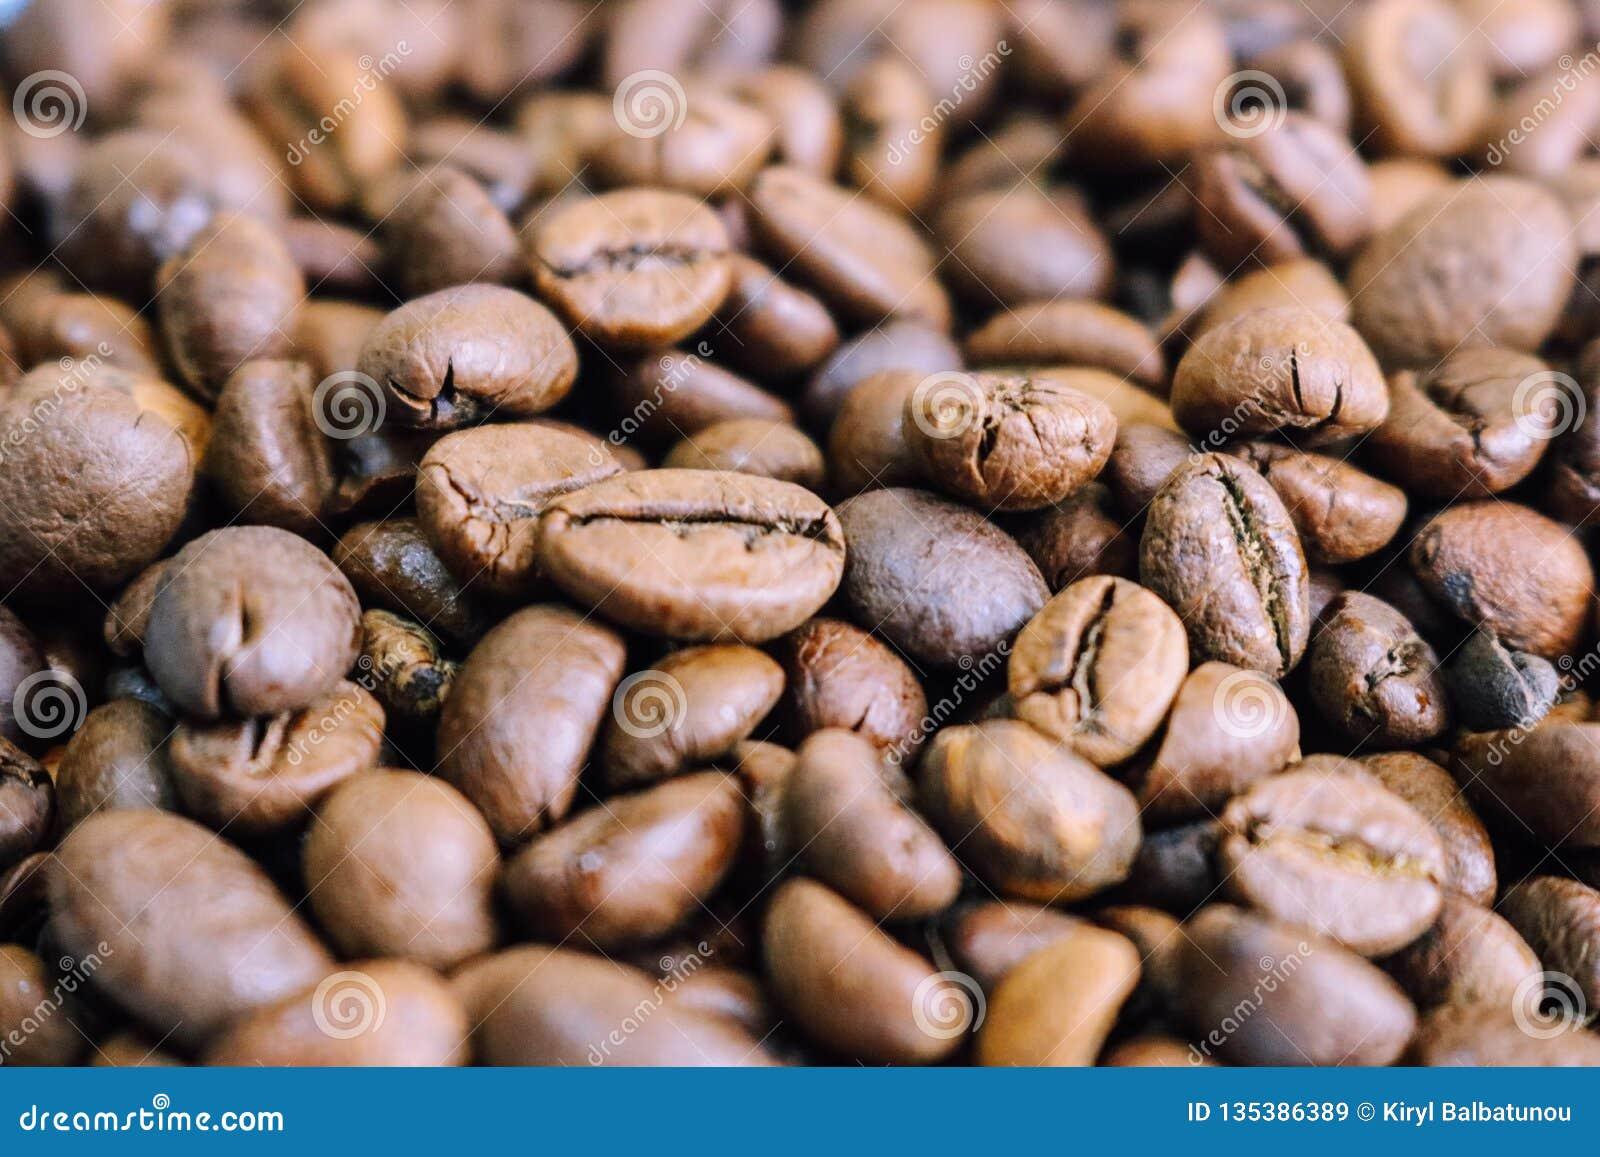 Красивая текстура свежо зажаренных в духовке выбранных очень вкусных богачей коричневеет естественные душистые зерна дерева кофе,